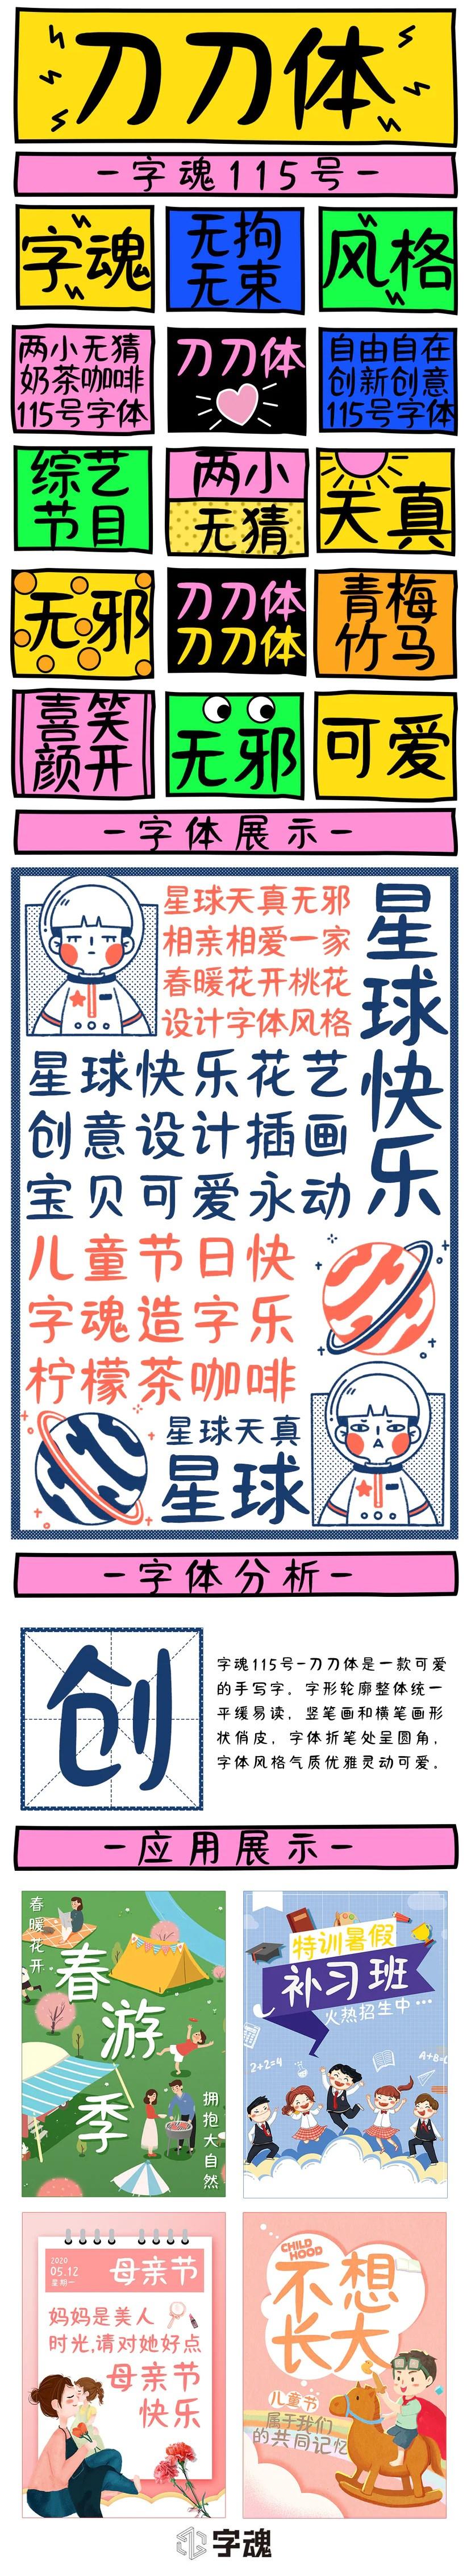 字库-字魂115号刀刀体